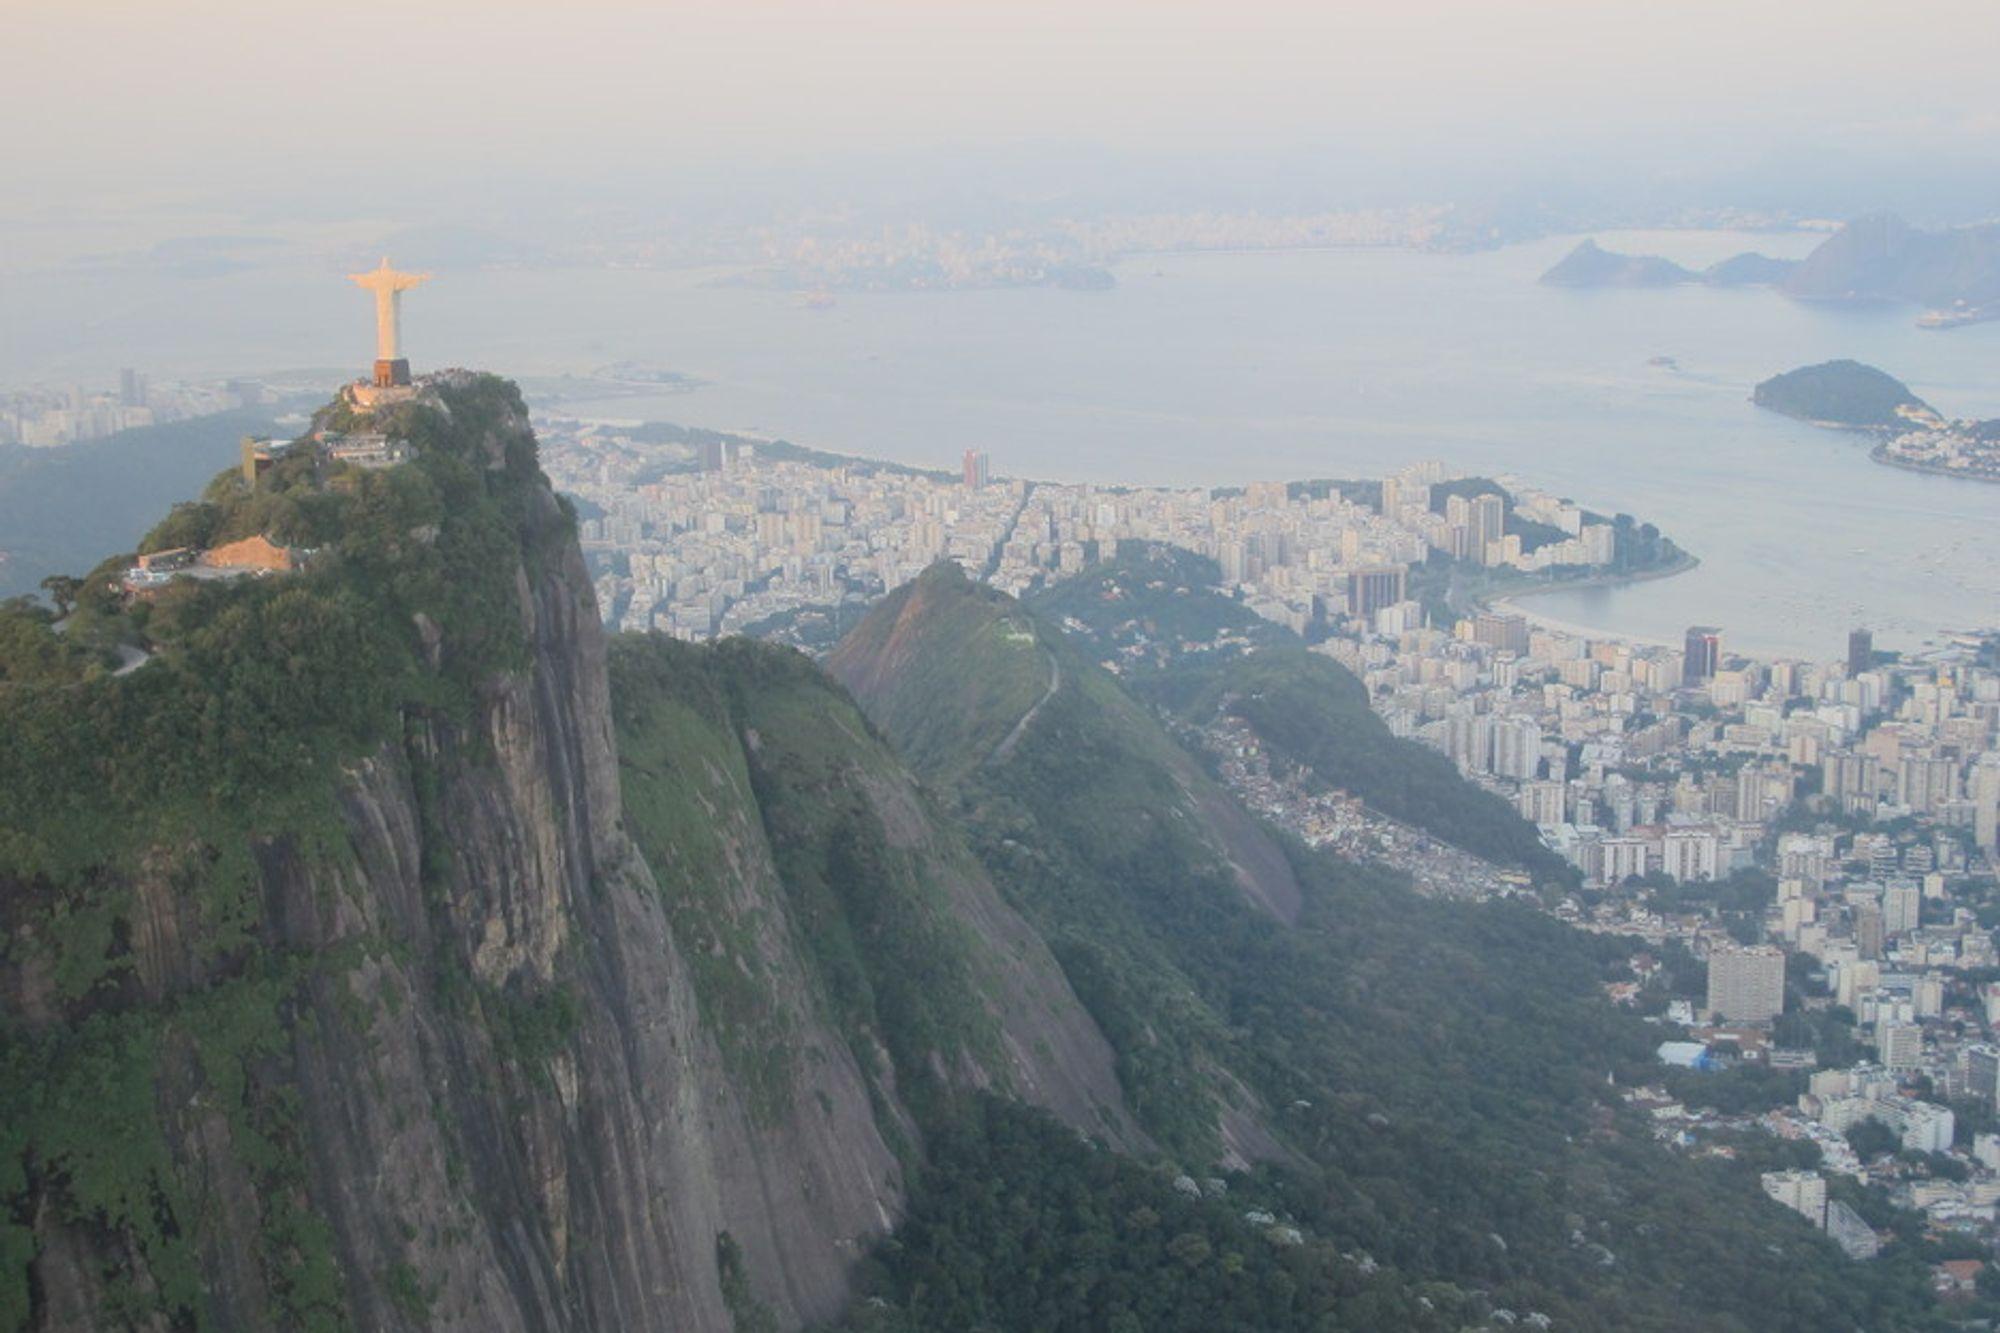 Totalt 83 norske selskaper opererer i Brasil, ifølge en ny rapport fra Innovasjon Norge. 68 av selskapene har hovedkvarteret sitt i Rio de Janeiro.